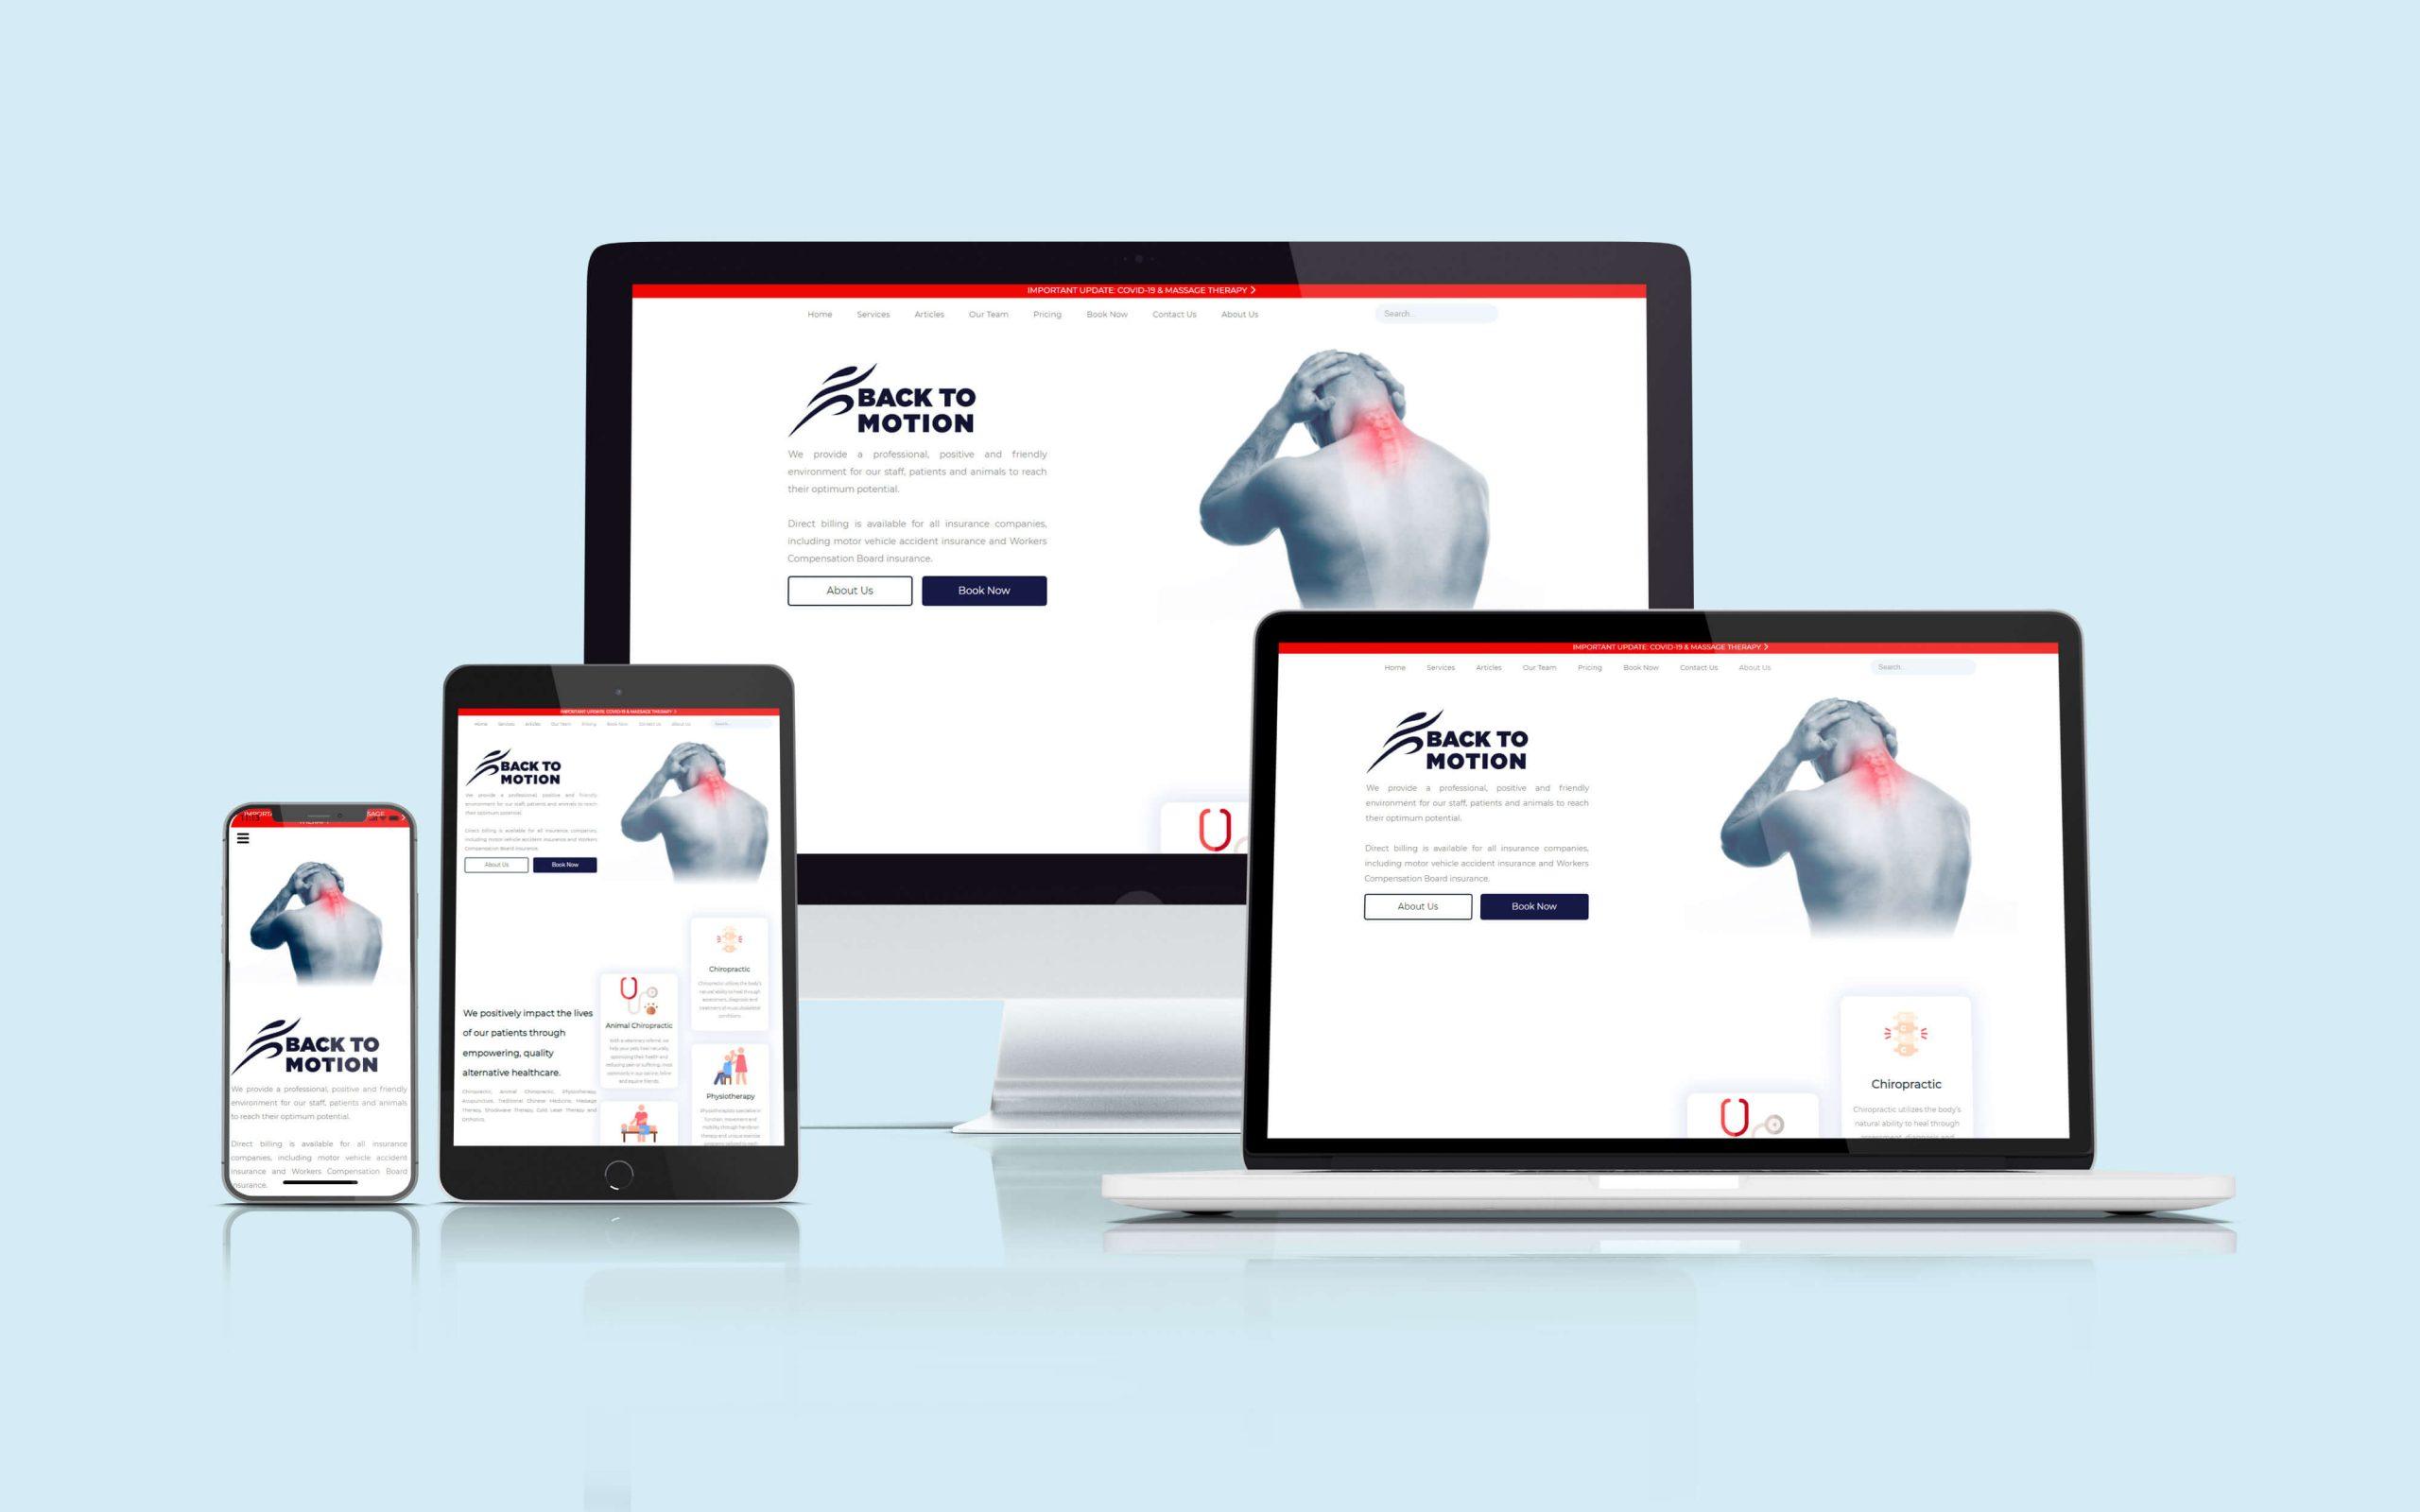 طراحی وب سایت backtomotion